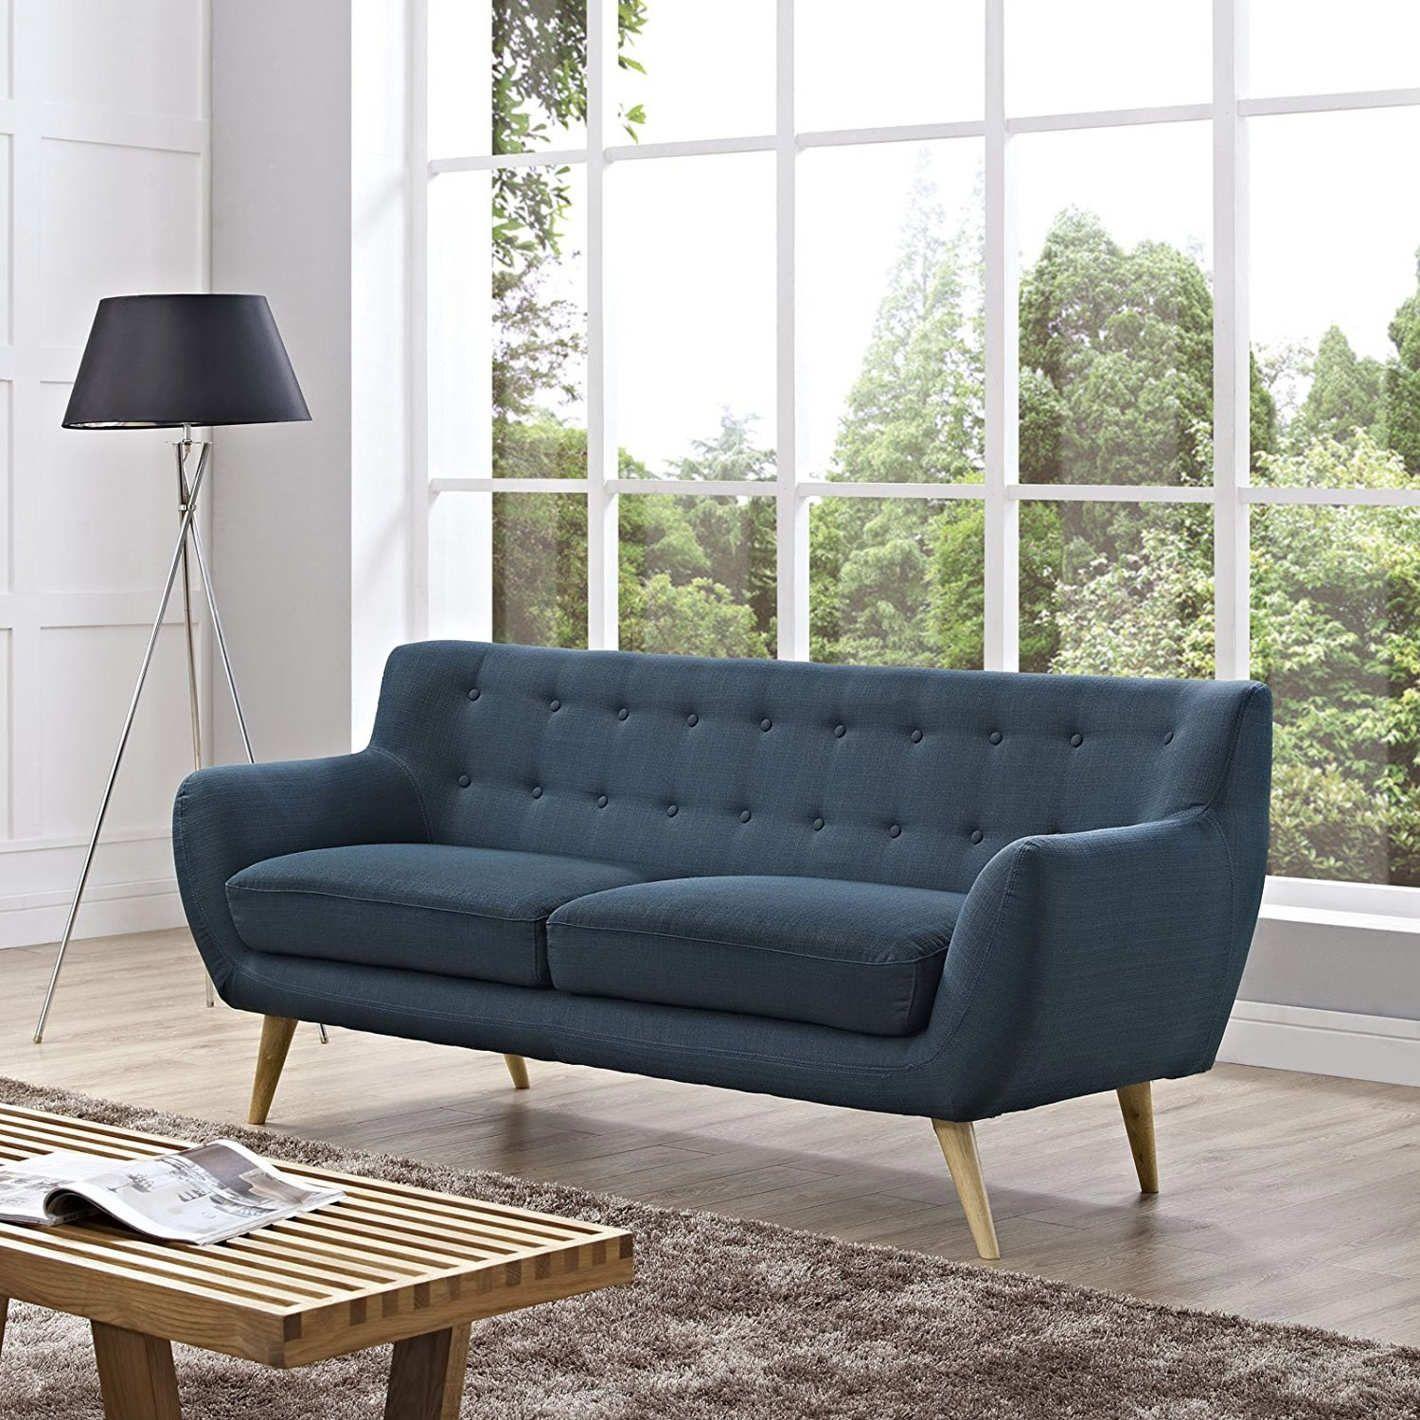 Best Sofa Bed Under $500